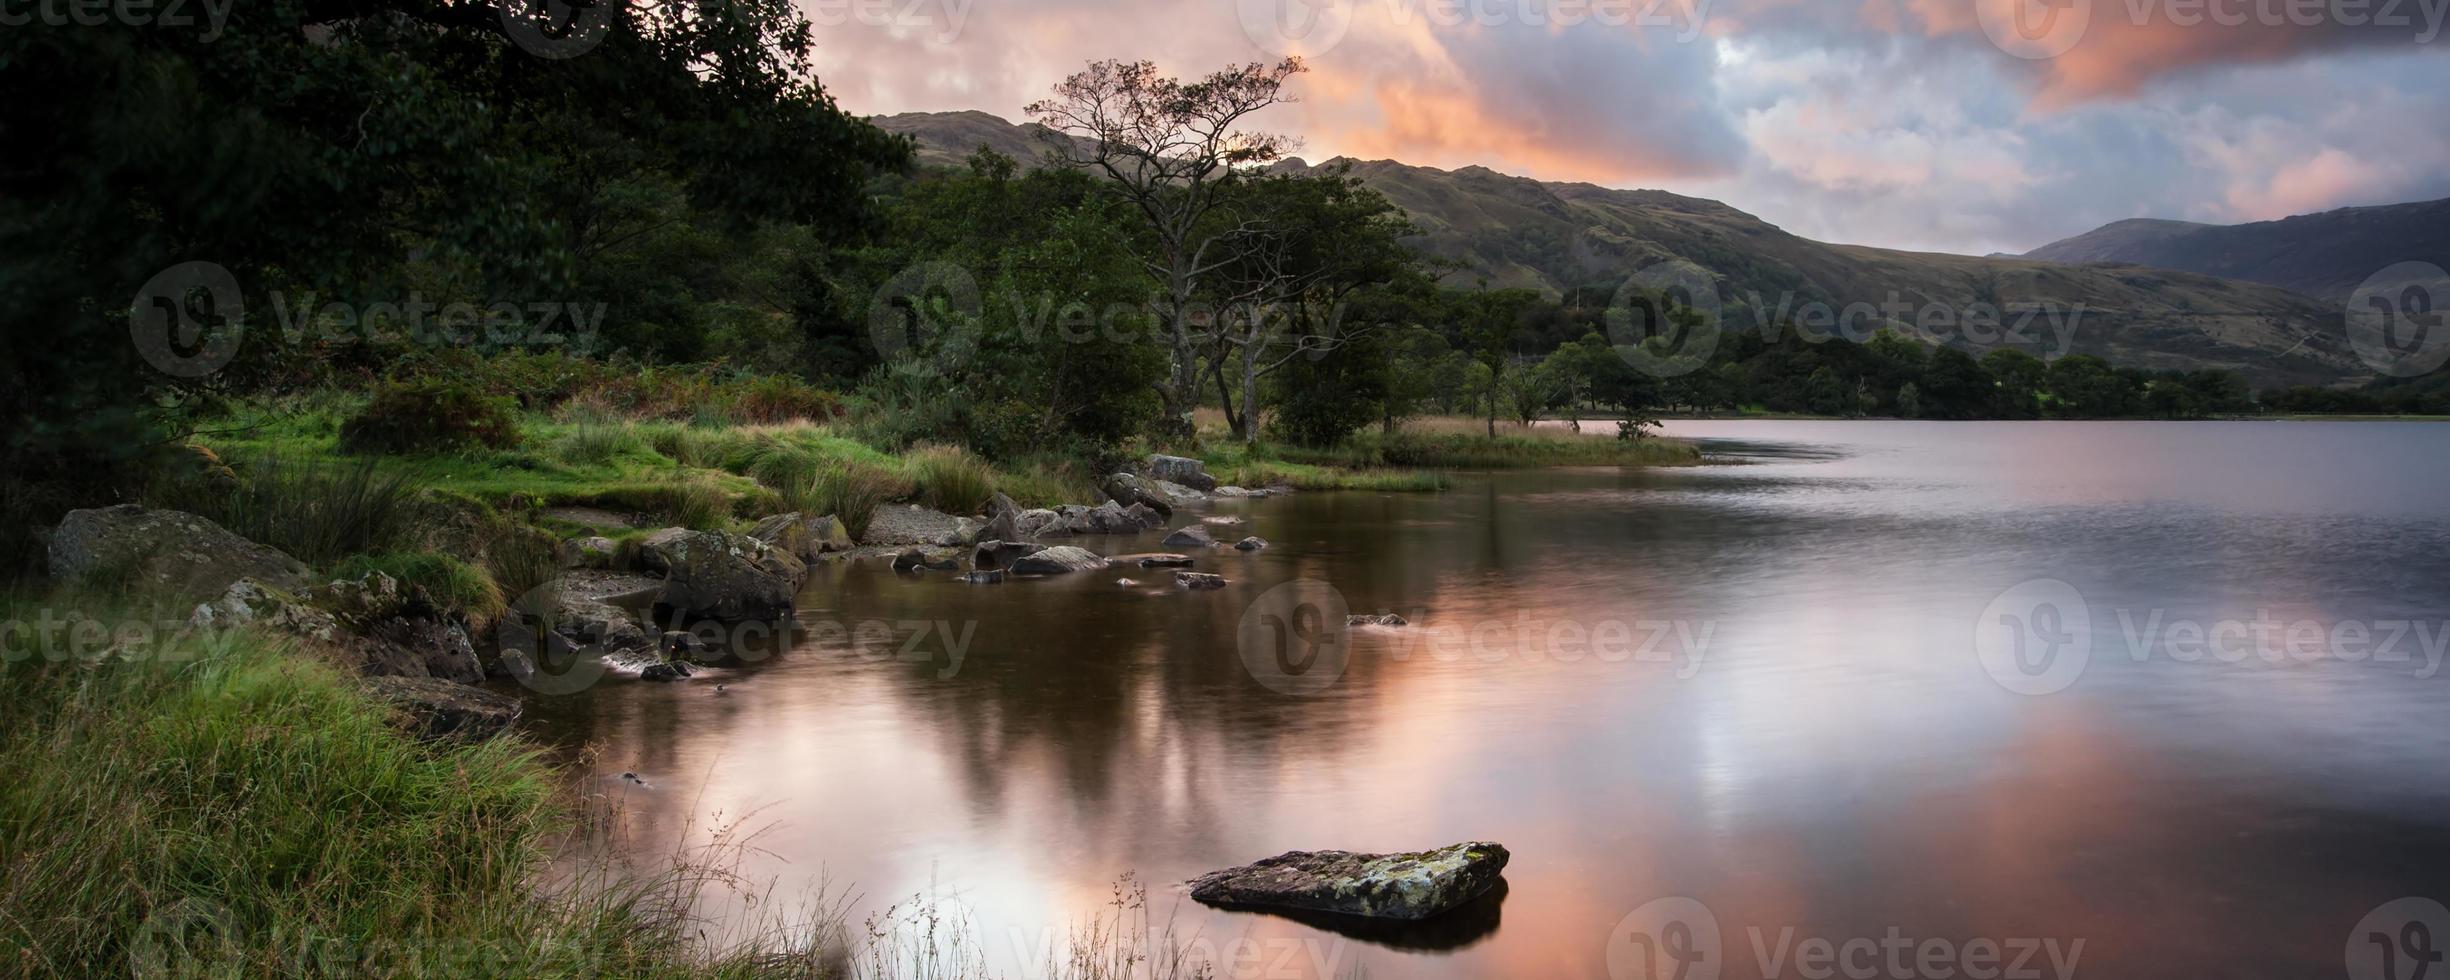 panorama paisaje impresionante amanecer sobre el lago con montañas foto